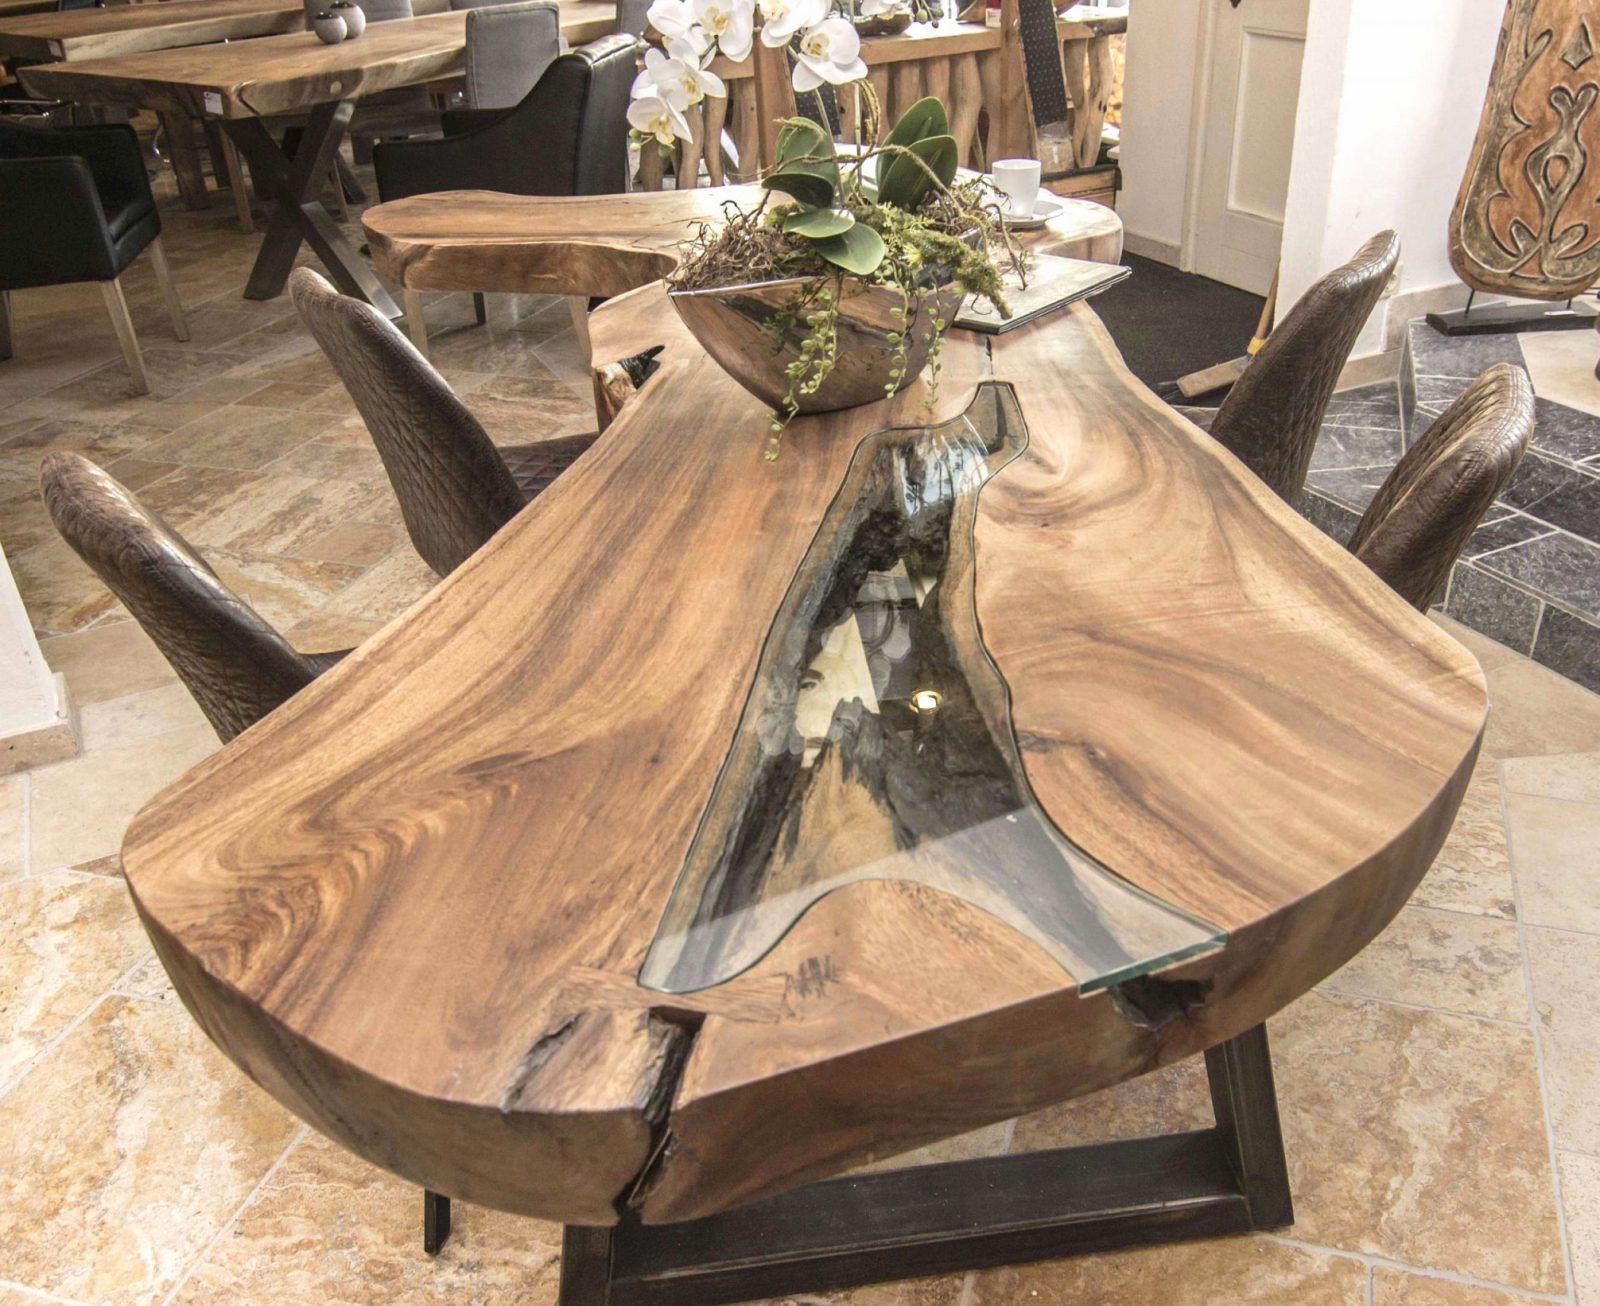 Tisch Bank Kombination Selber Bauen Bilder 49 Konzept Luxus Über Für von Tisch Bank Kombination Bauanleitung Bild